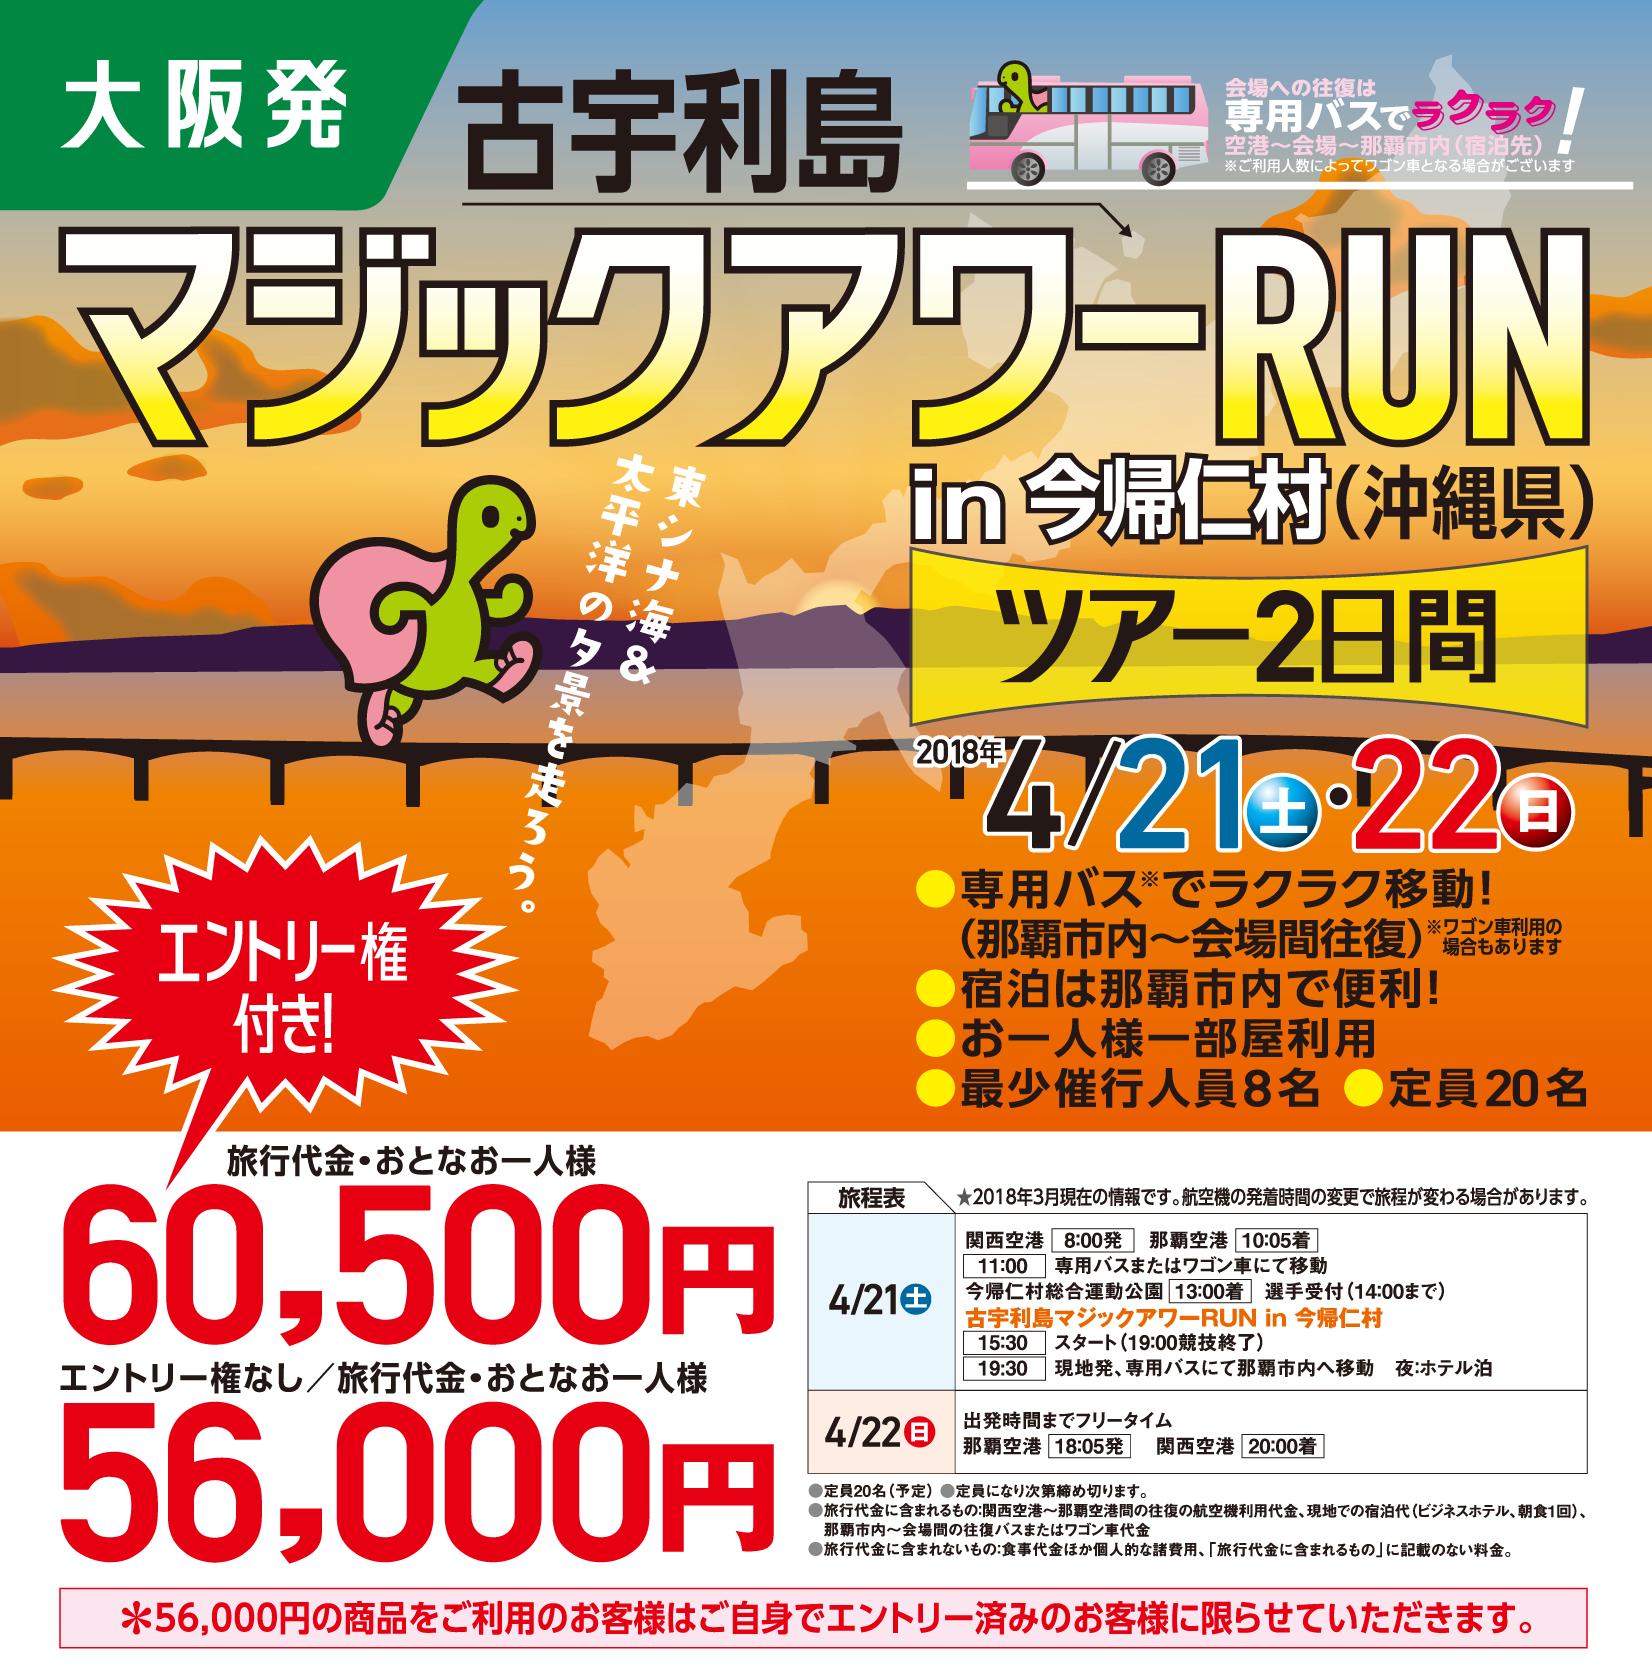 古宇利島マジックアワーRUN 2018 in 今帰仁村ツアー2日間 大阪発